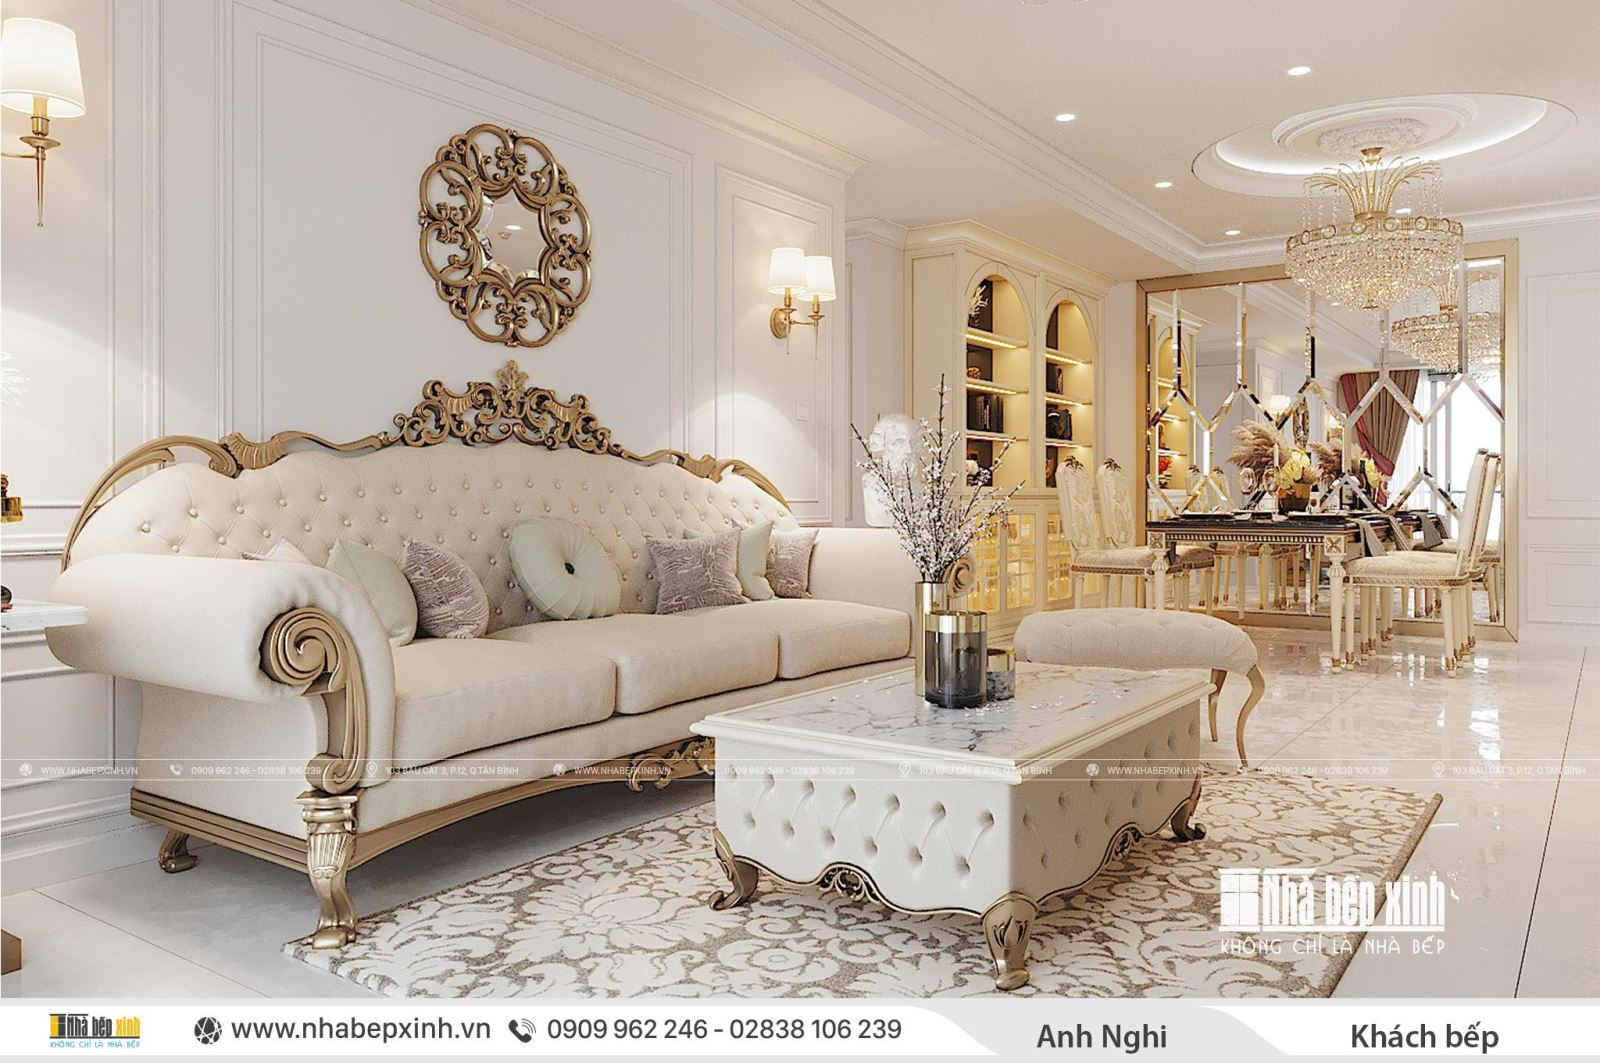 Thiết kế nội thất phòng khách bếp tân cổ điển đẹp tại Emerald Celadon City 104m2